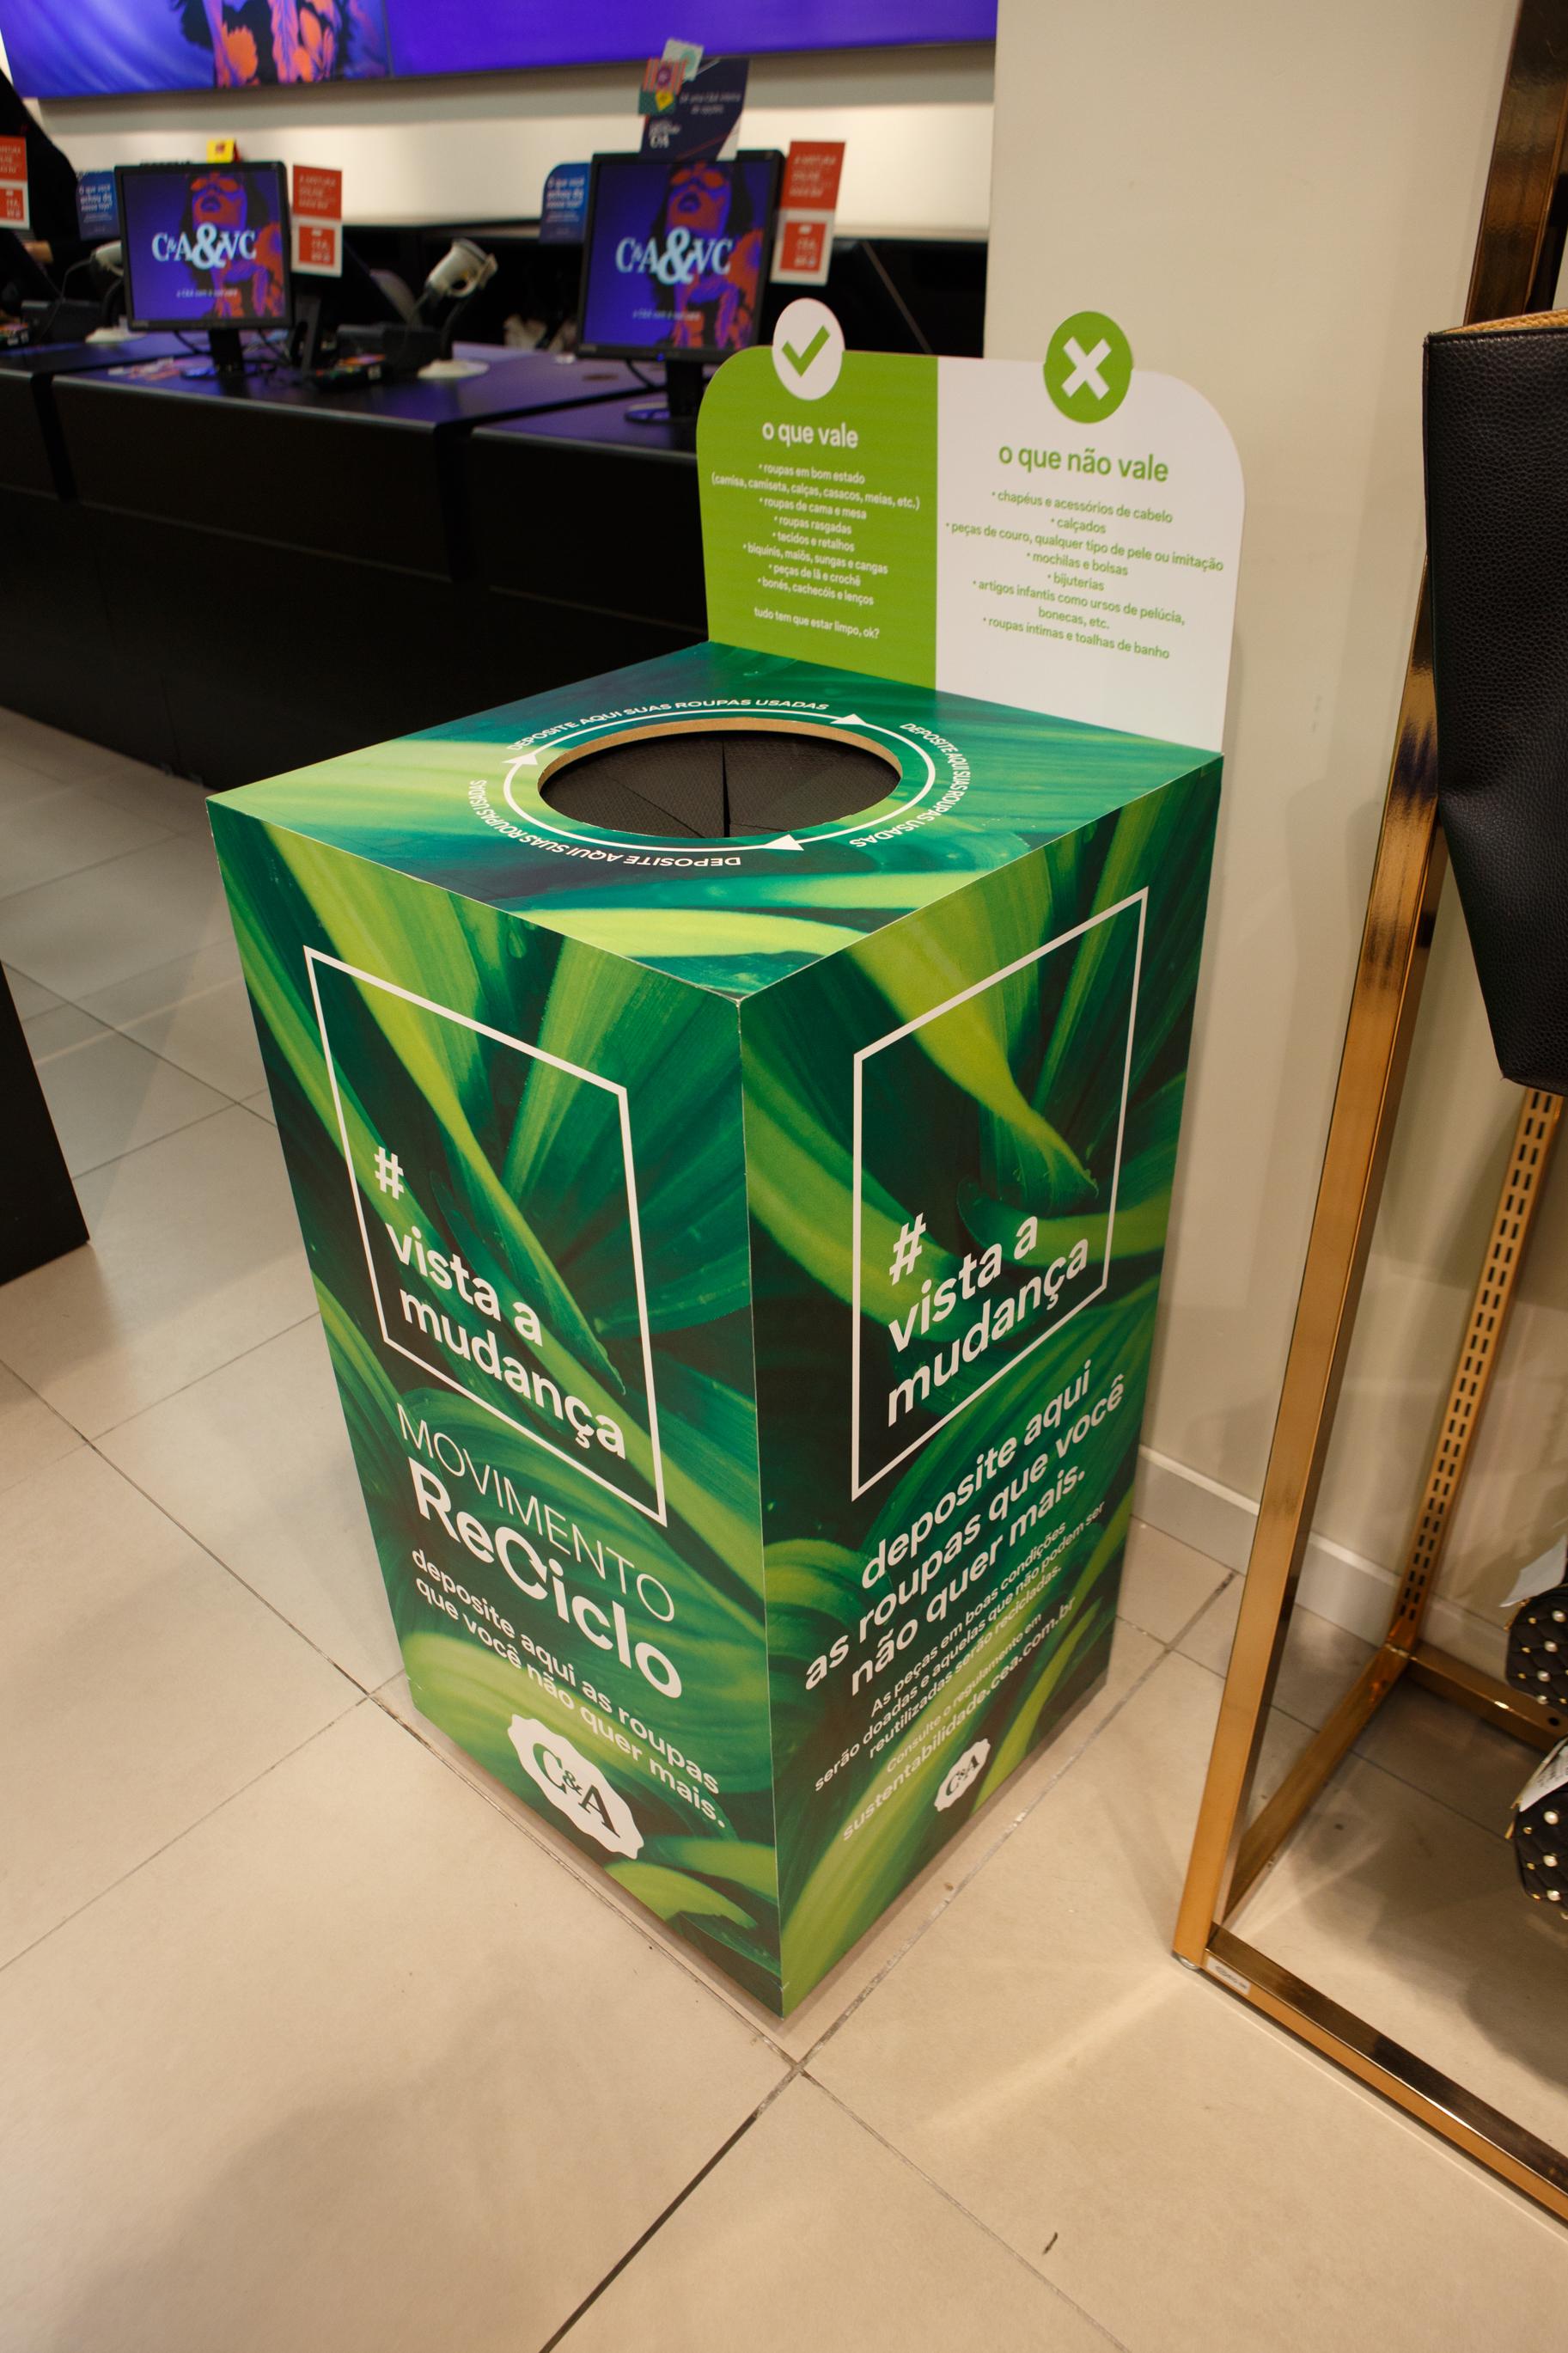 Contâiner do movimento ReCiclo nas lojas da C&A